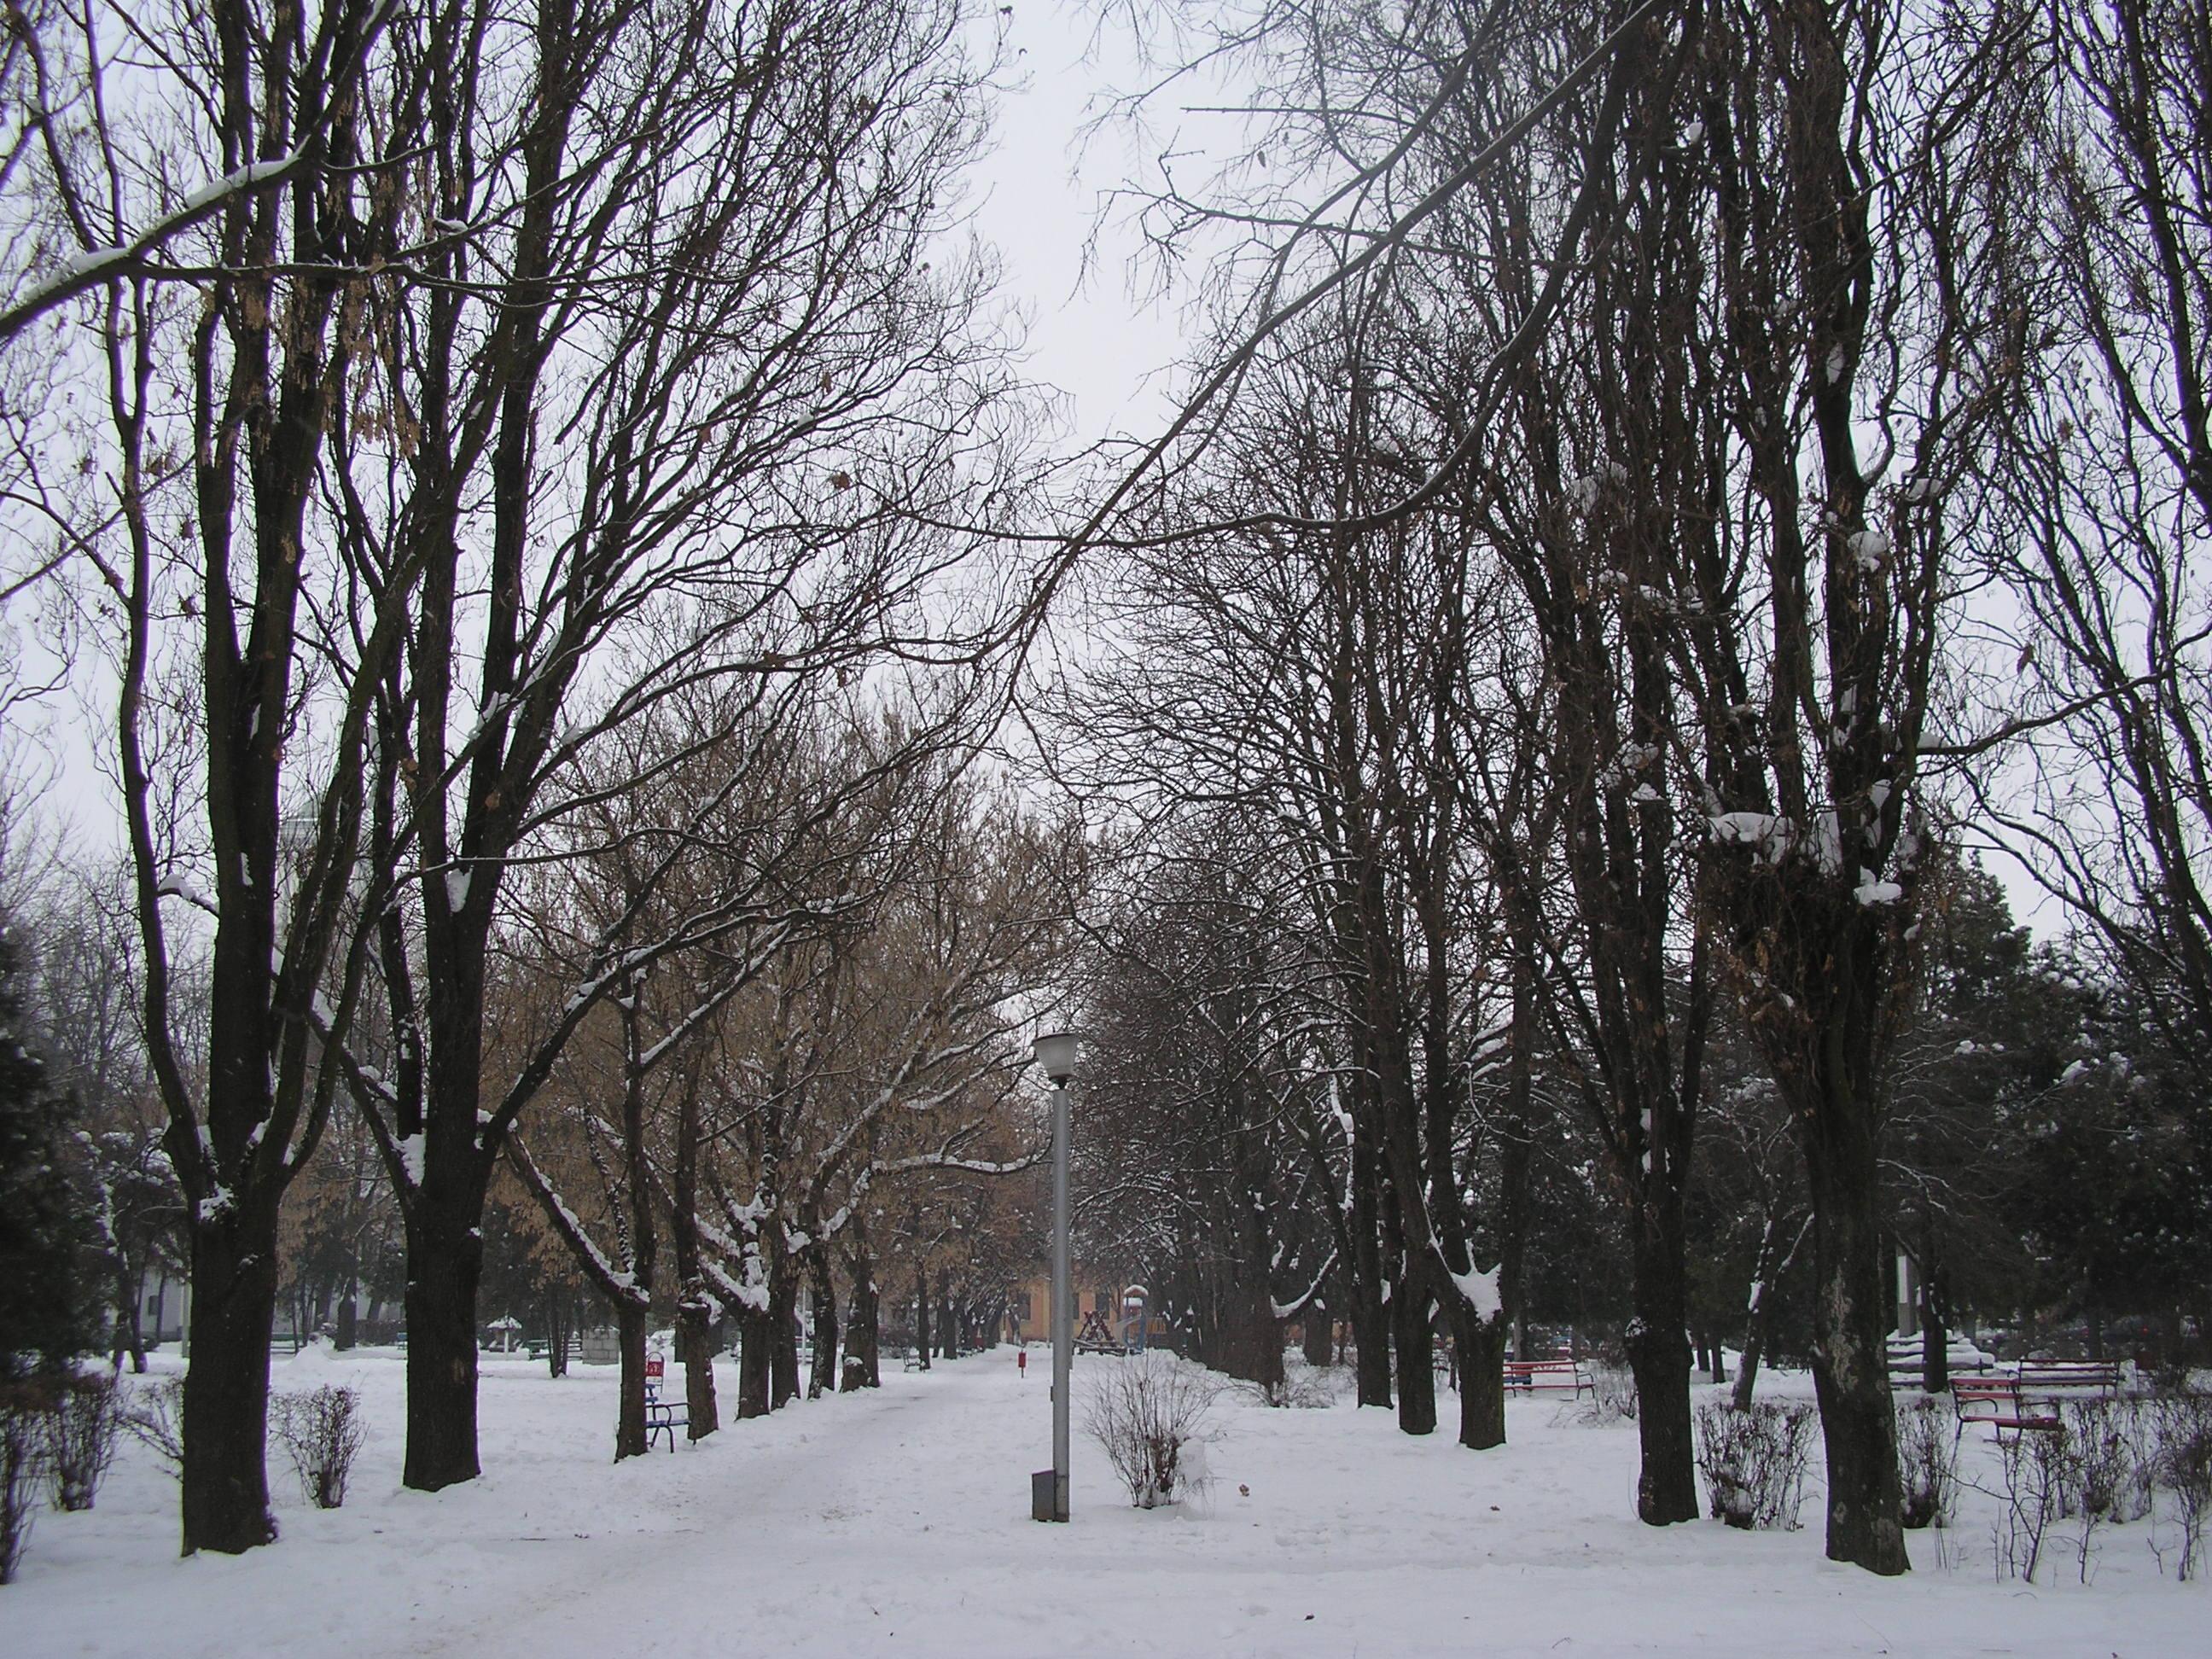 Fişier:RO BH Salonta Alee parc.JPG